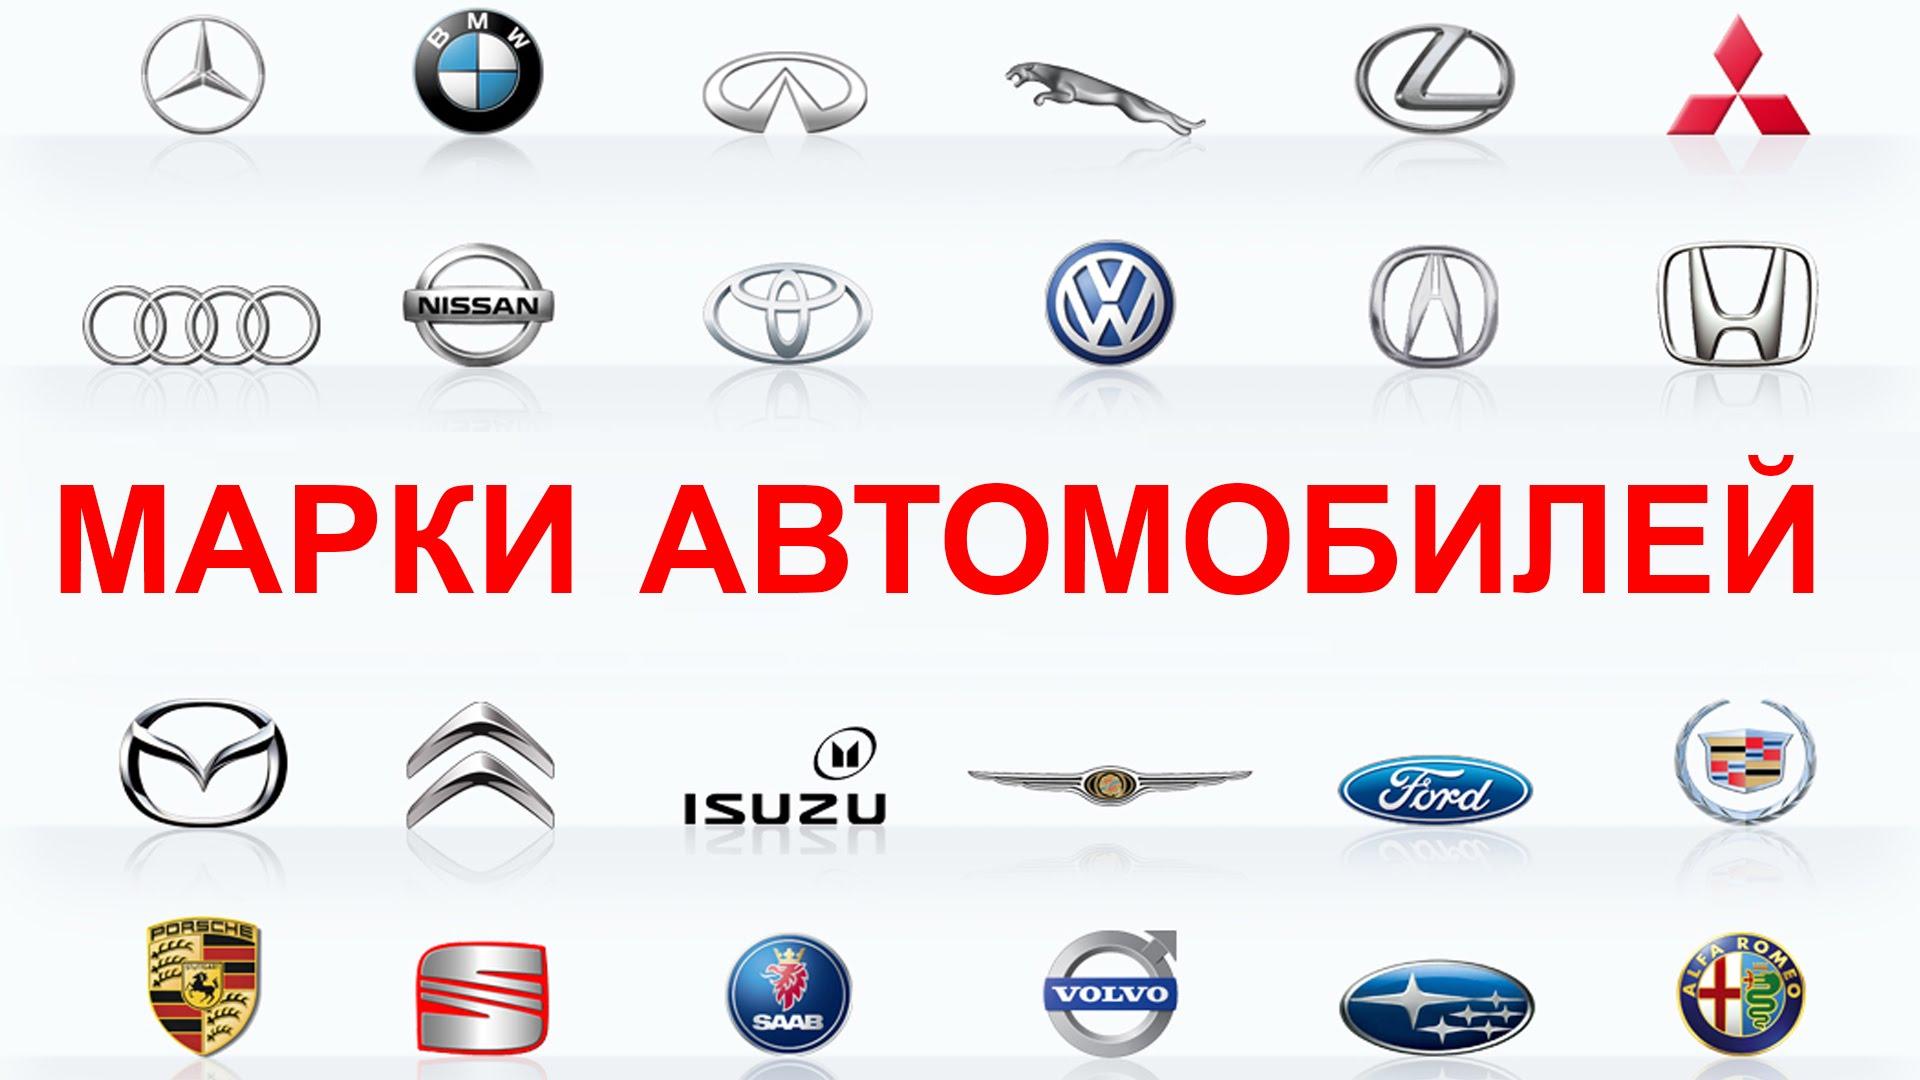 Каталог автомобилей всех марок в картинках